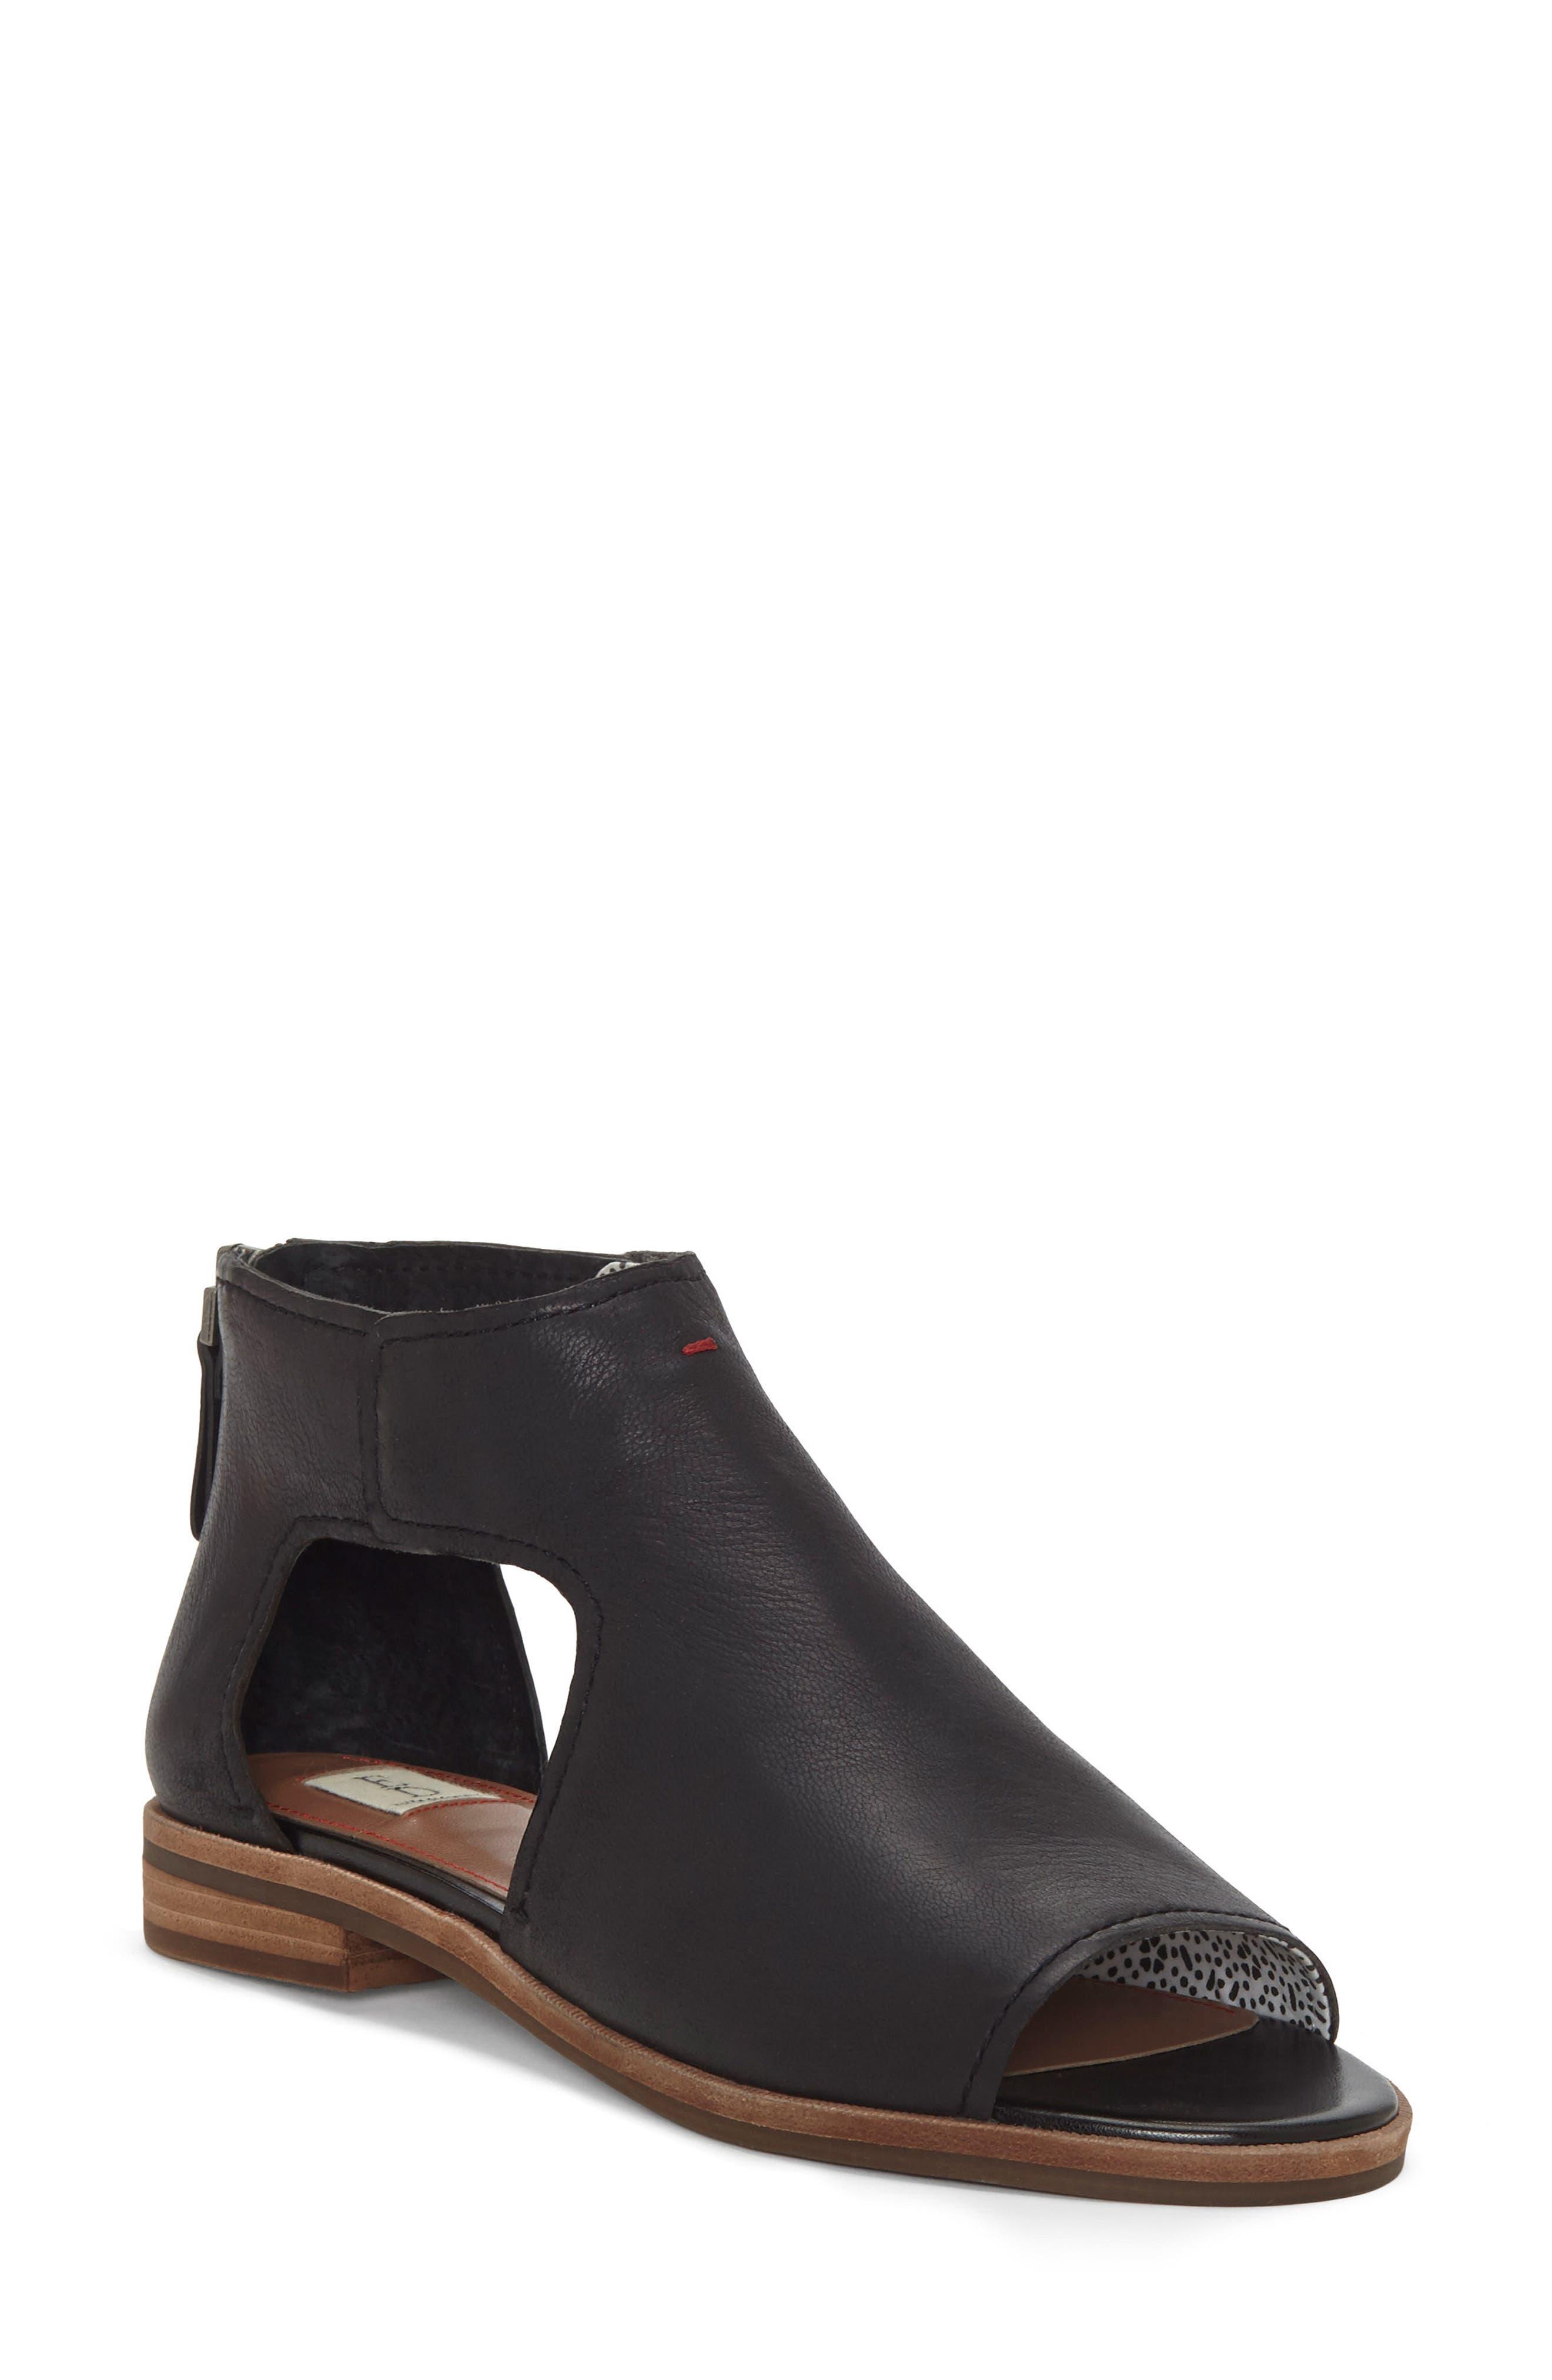 Surah Cutout Sandal,                             Main thumbnail 1, color,                             Black Leather